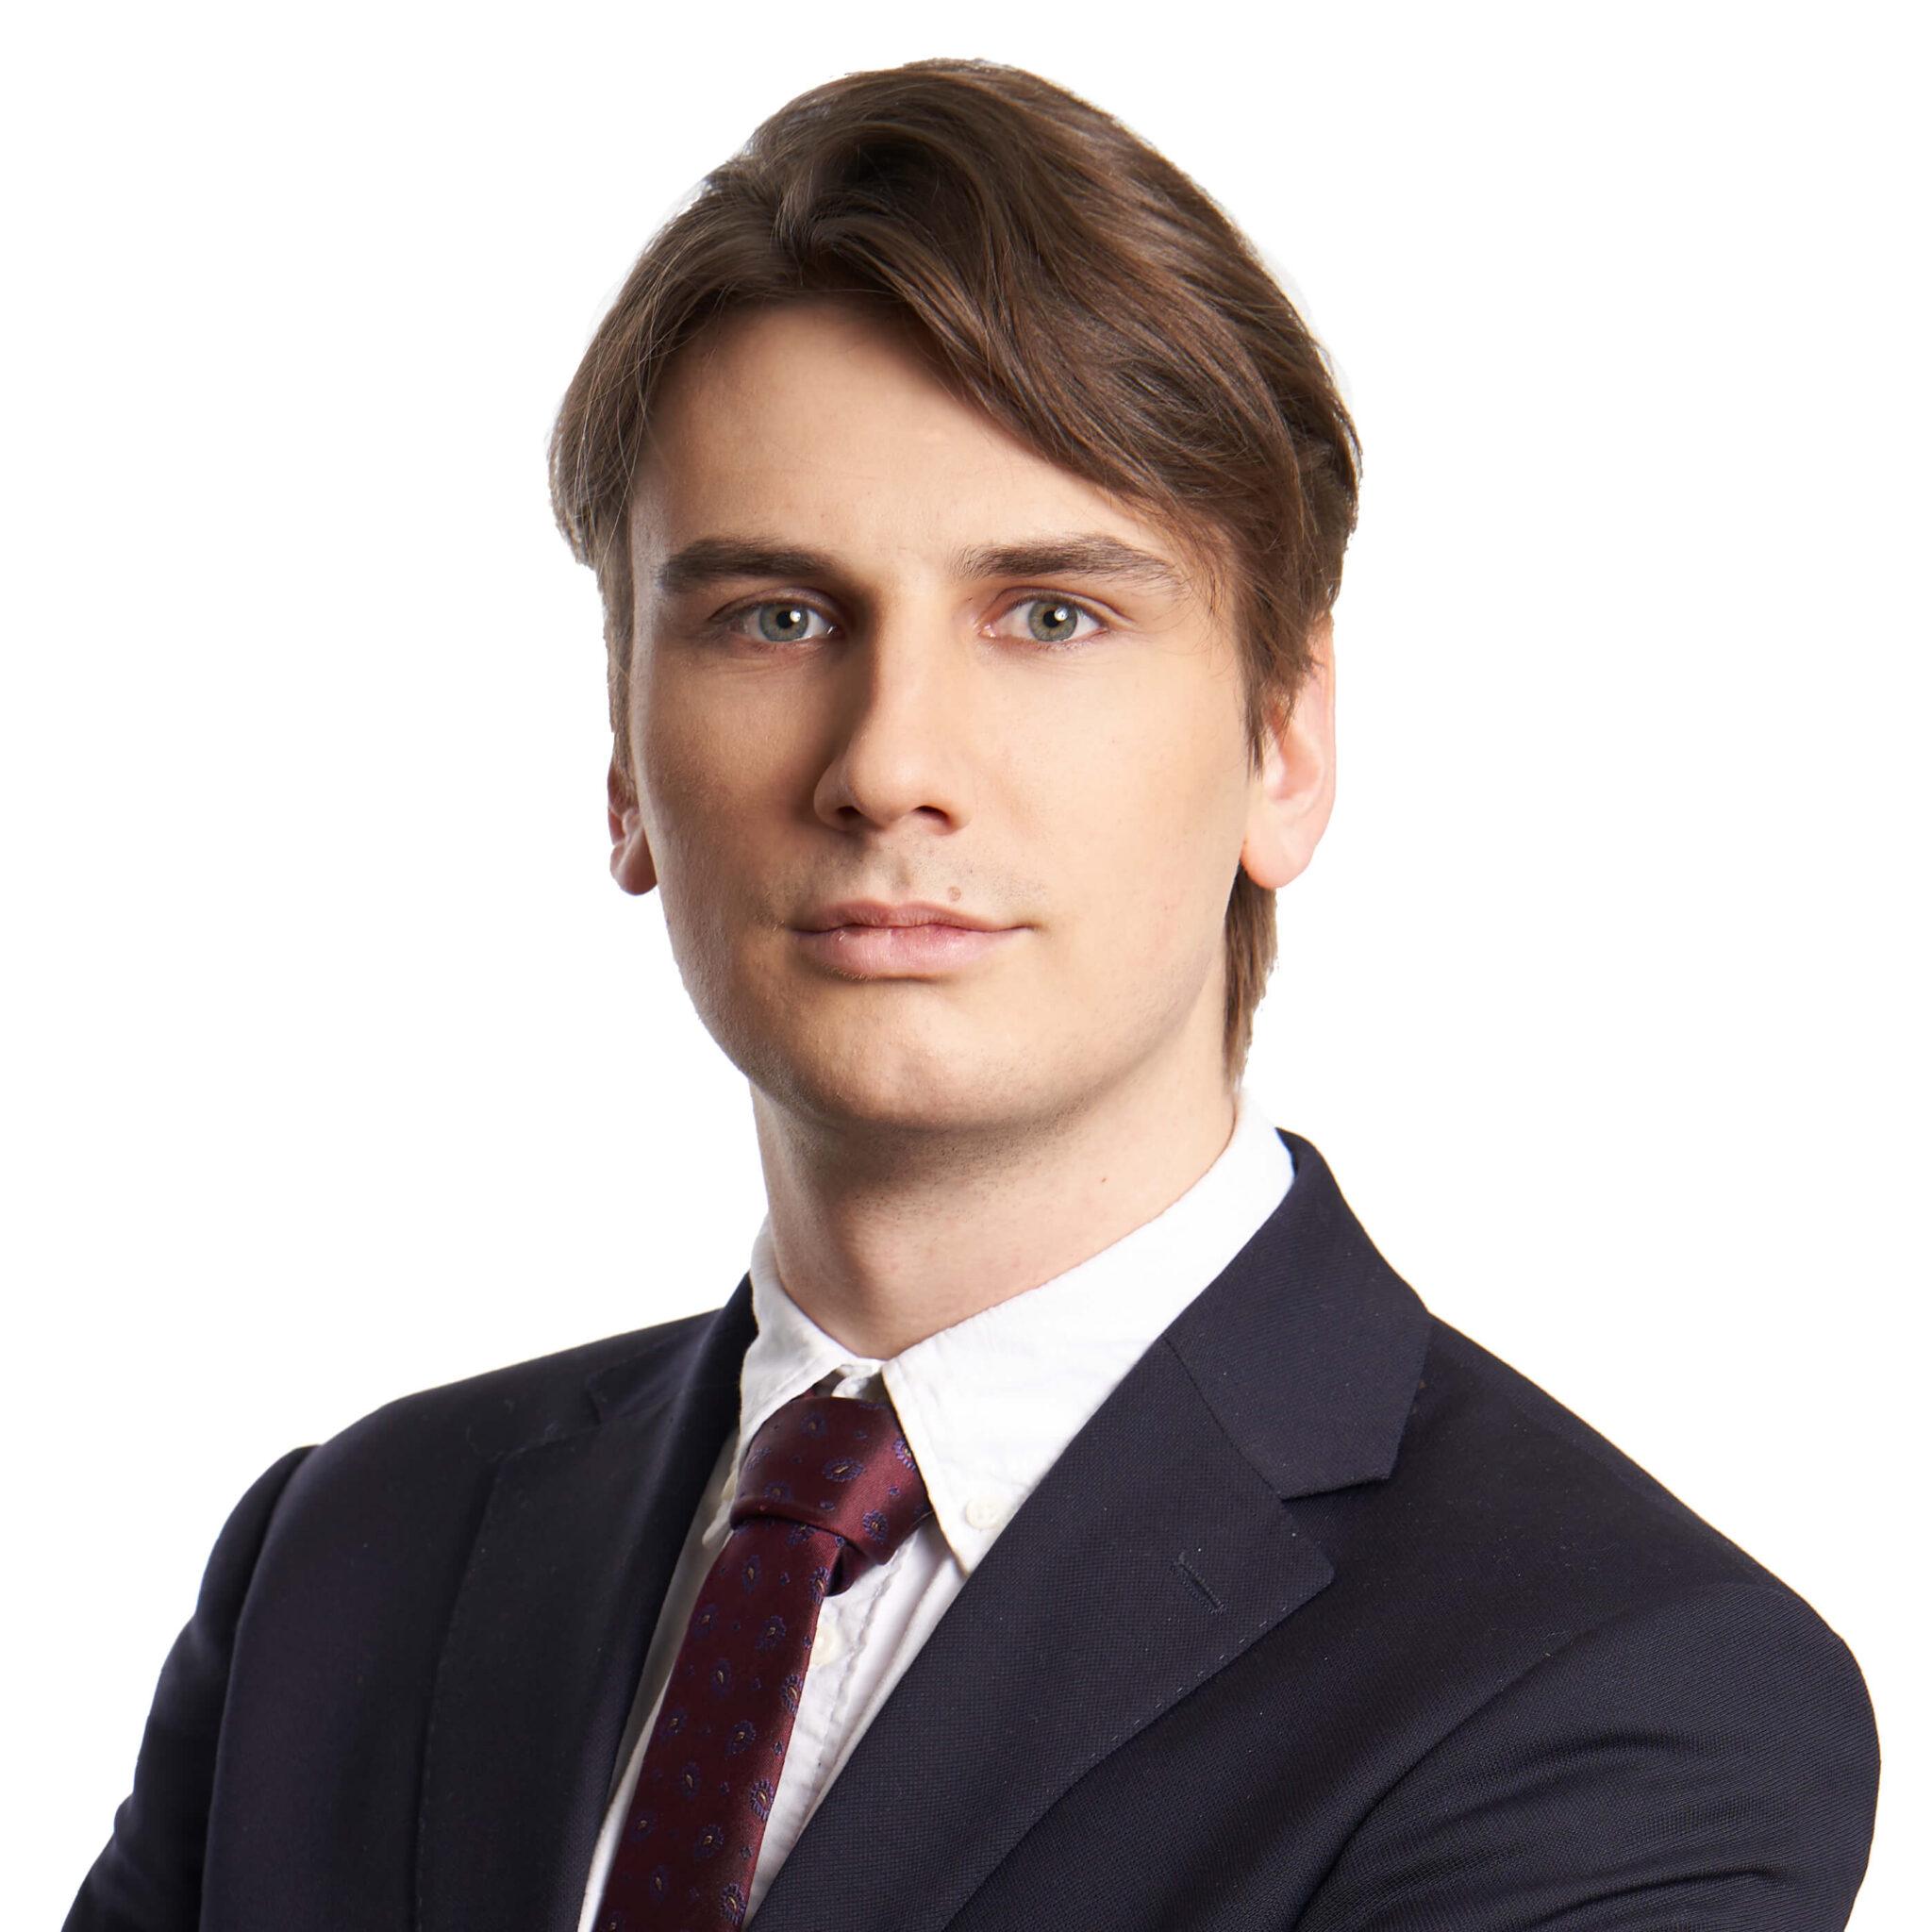 Mikołaj Czarnocki